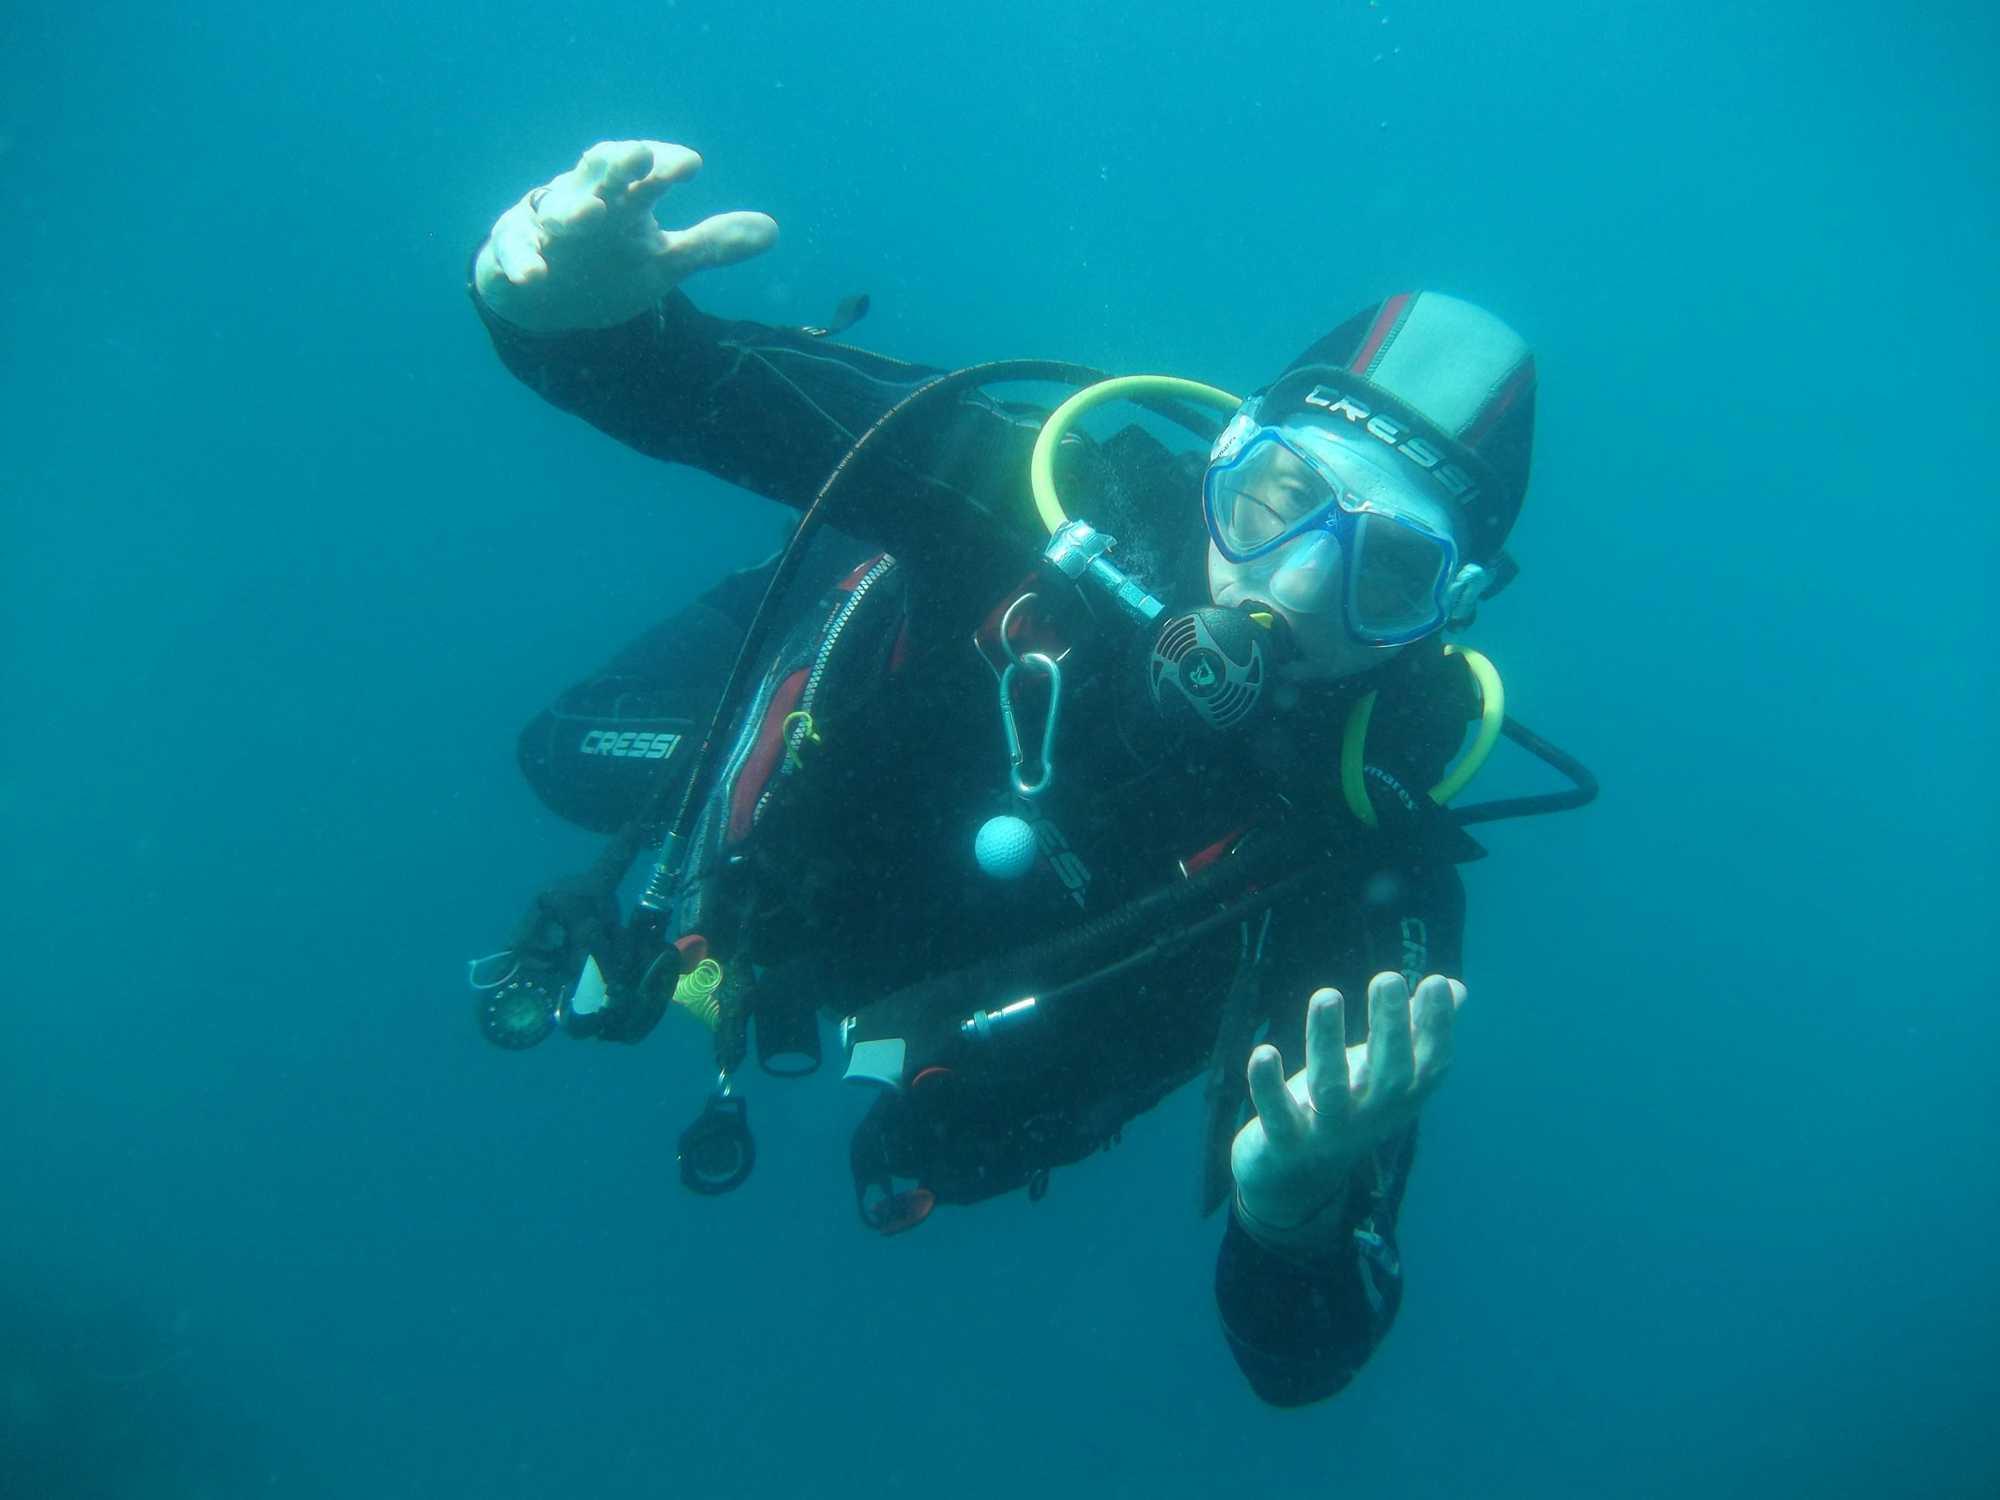 :: FFESSM  CIALPC : Plongée et activités subaquatiques ::